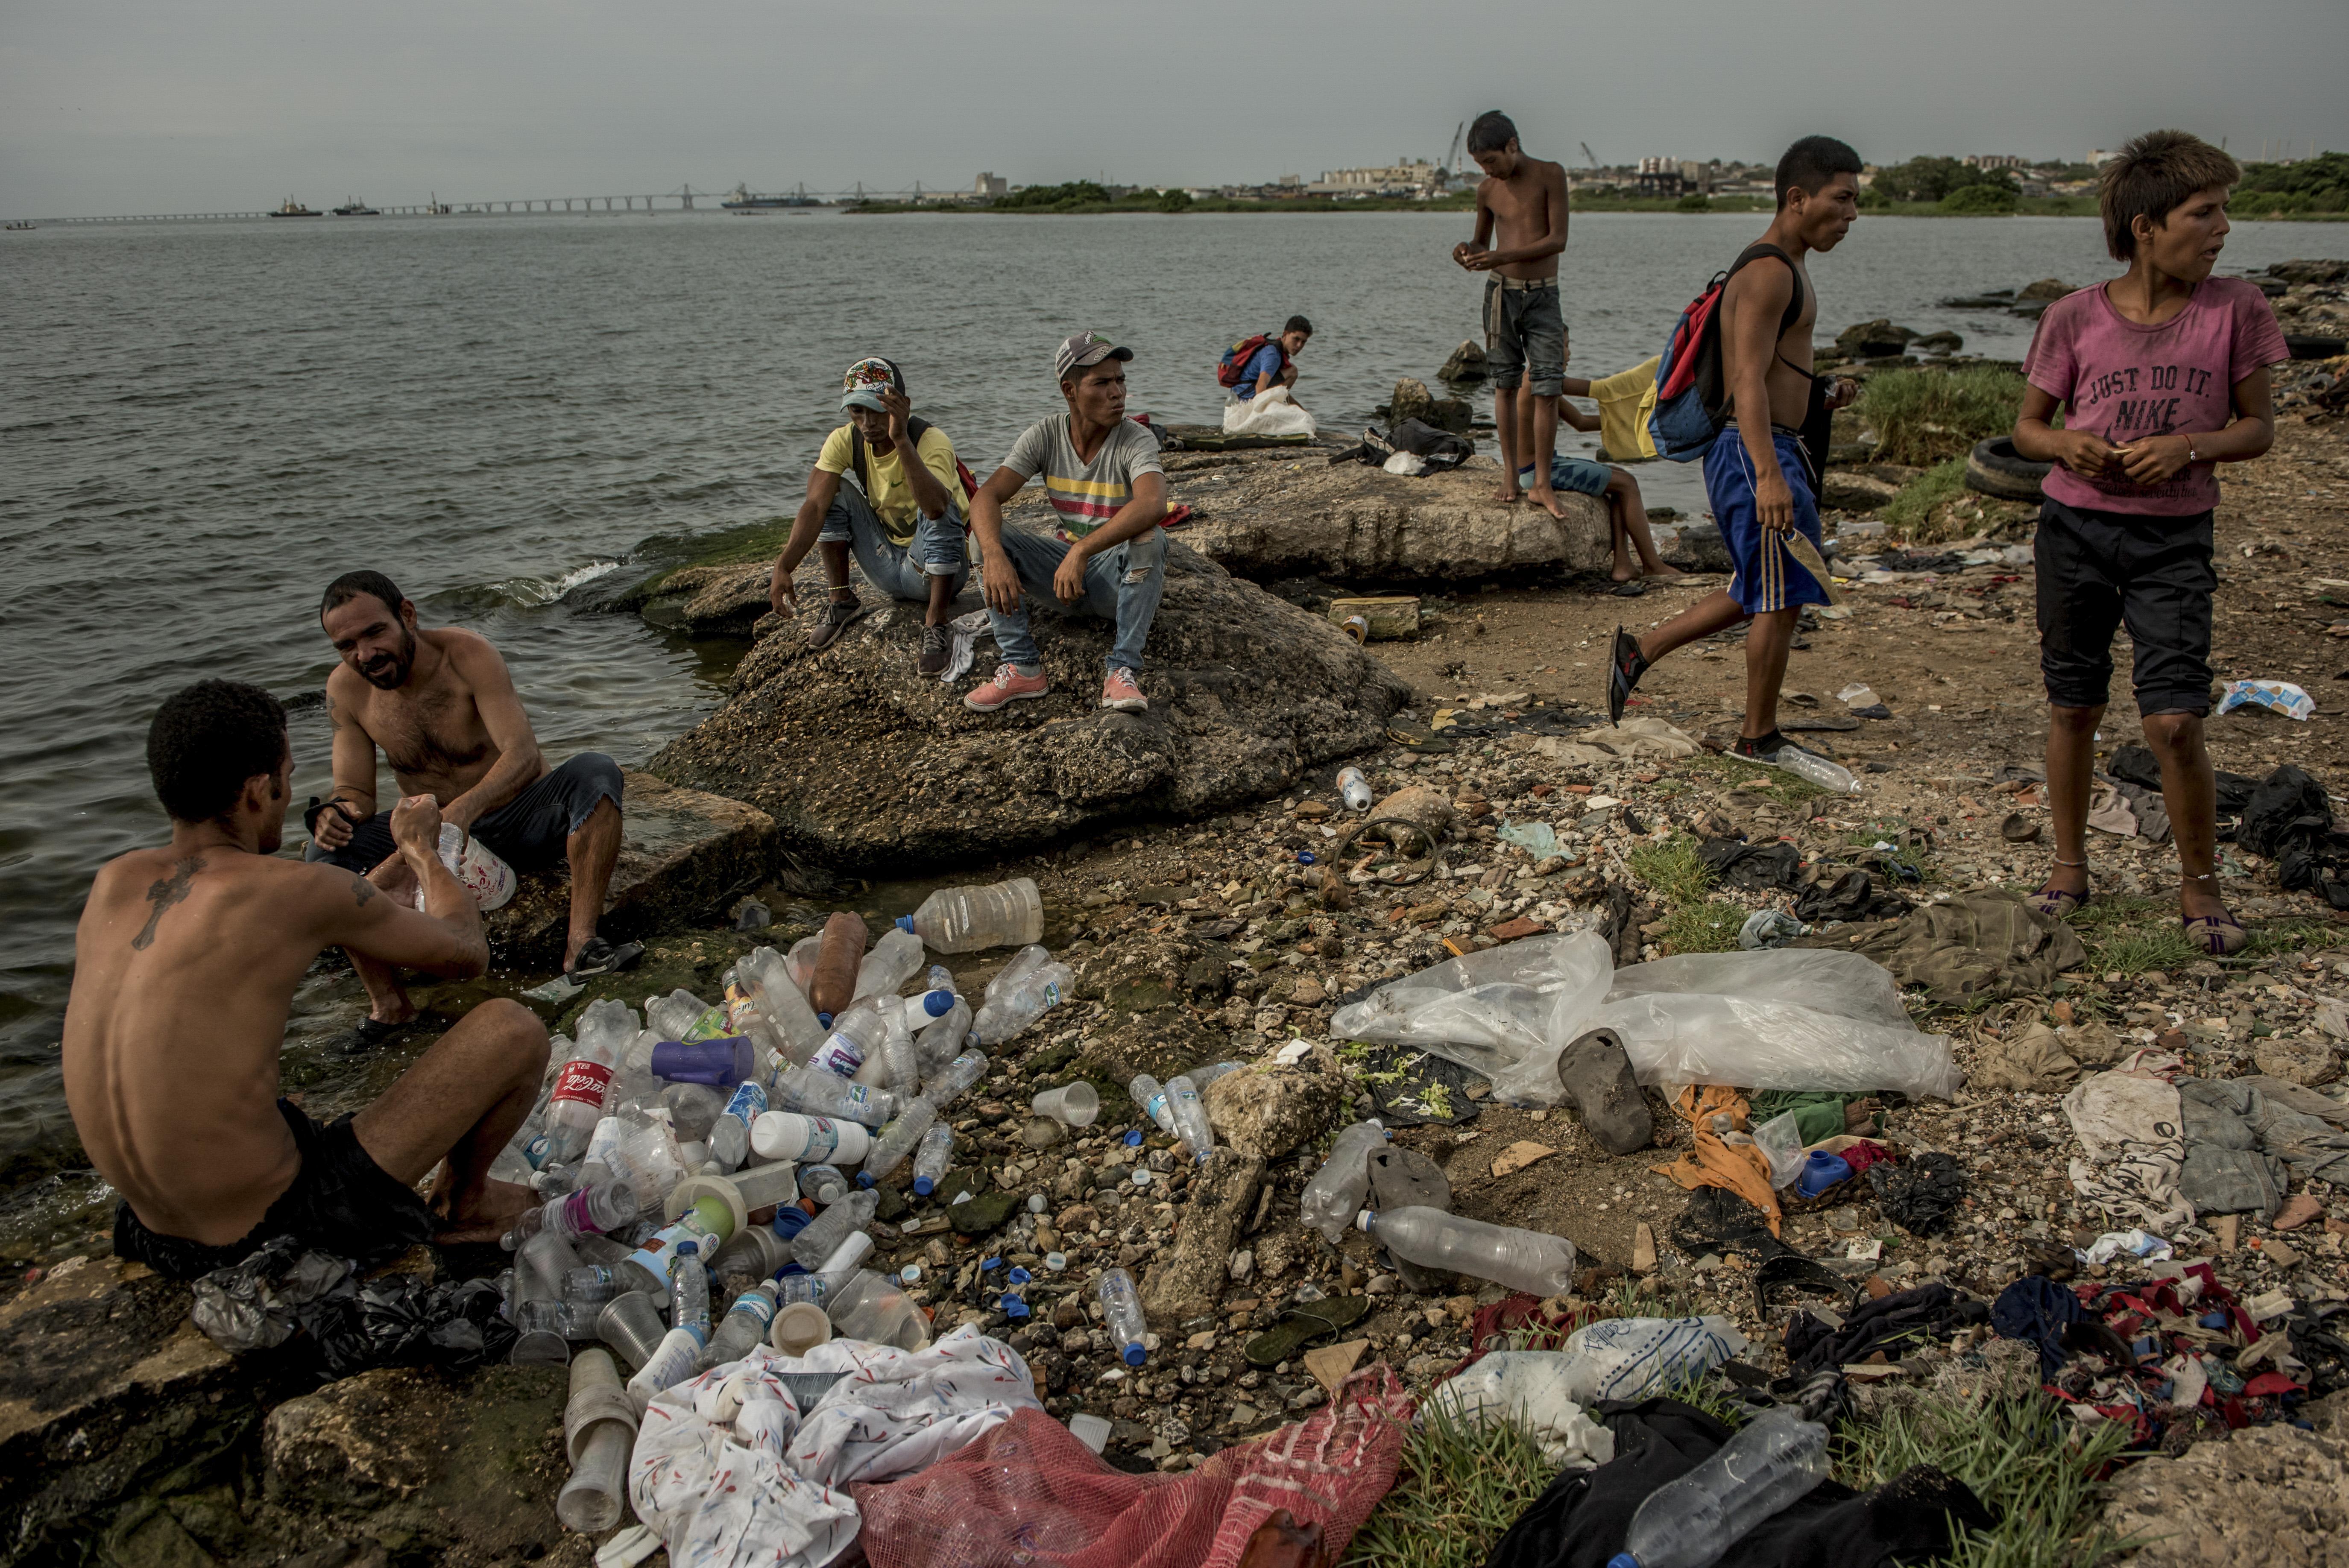 En el Lago de Maracaibo, comerciantes y obreros que perdieron sus trabajos lavaban el plástico reciclable que recolectaron. (Meridith Kohut/The New York Times)